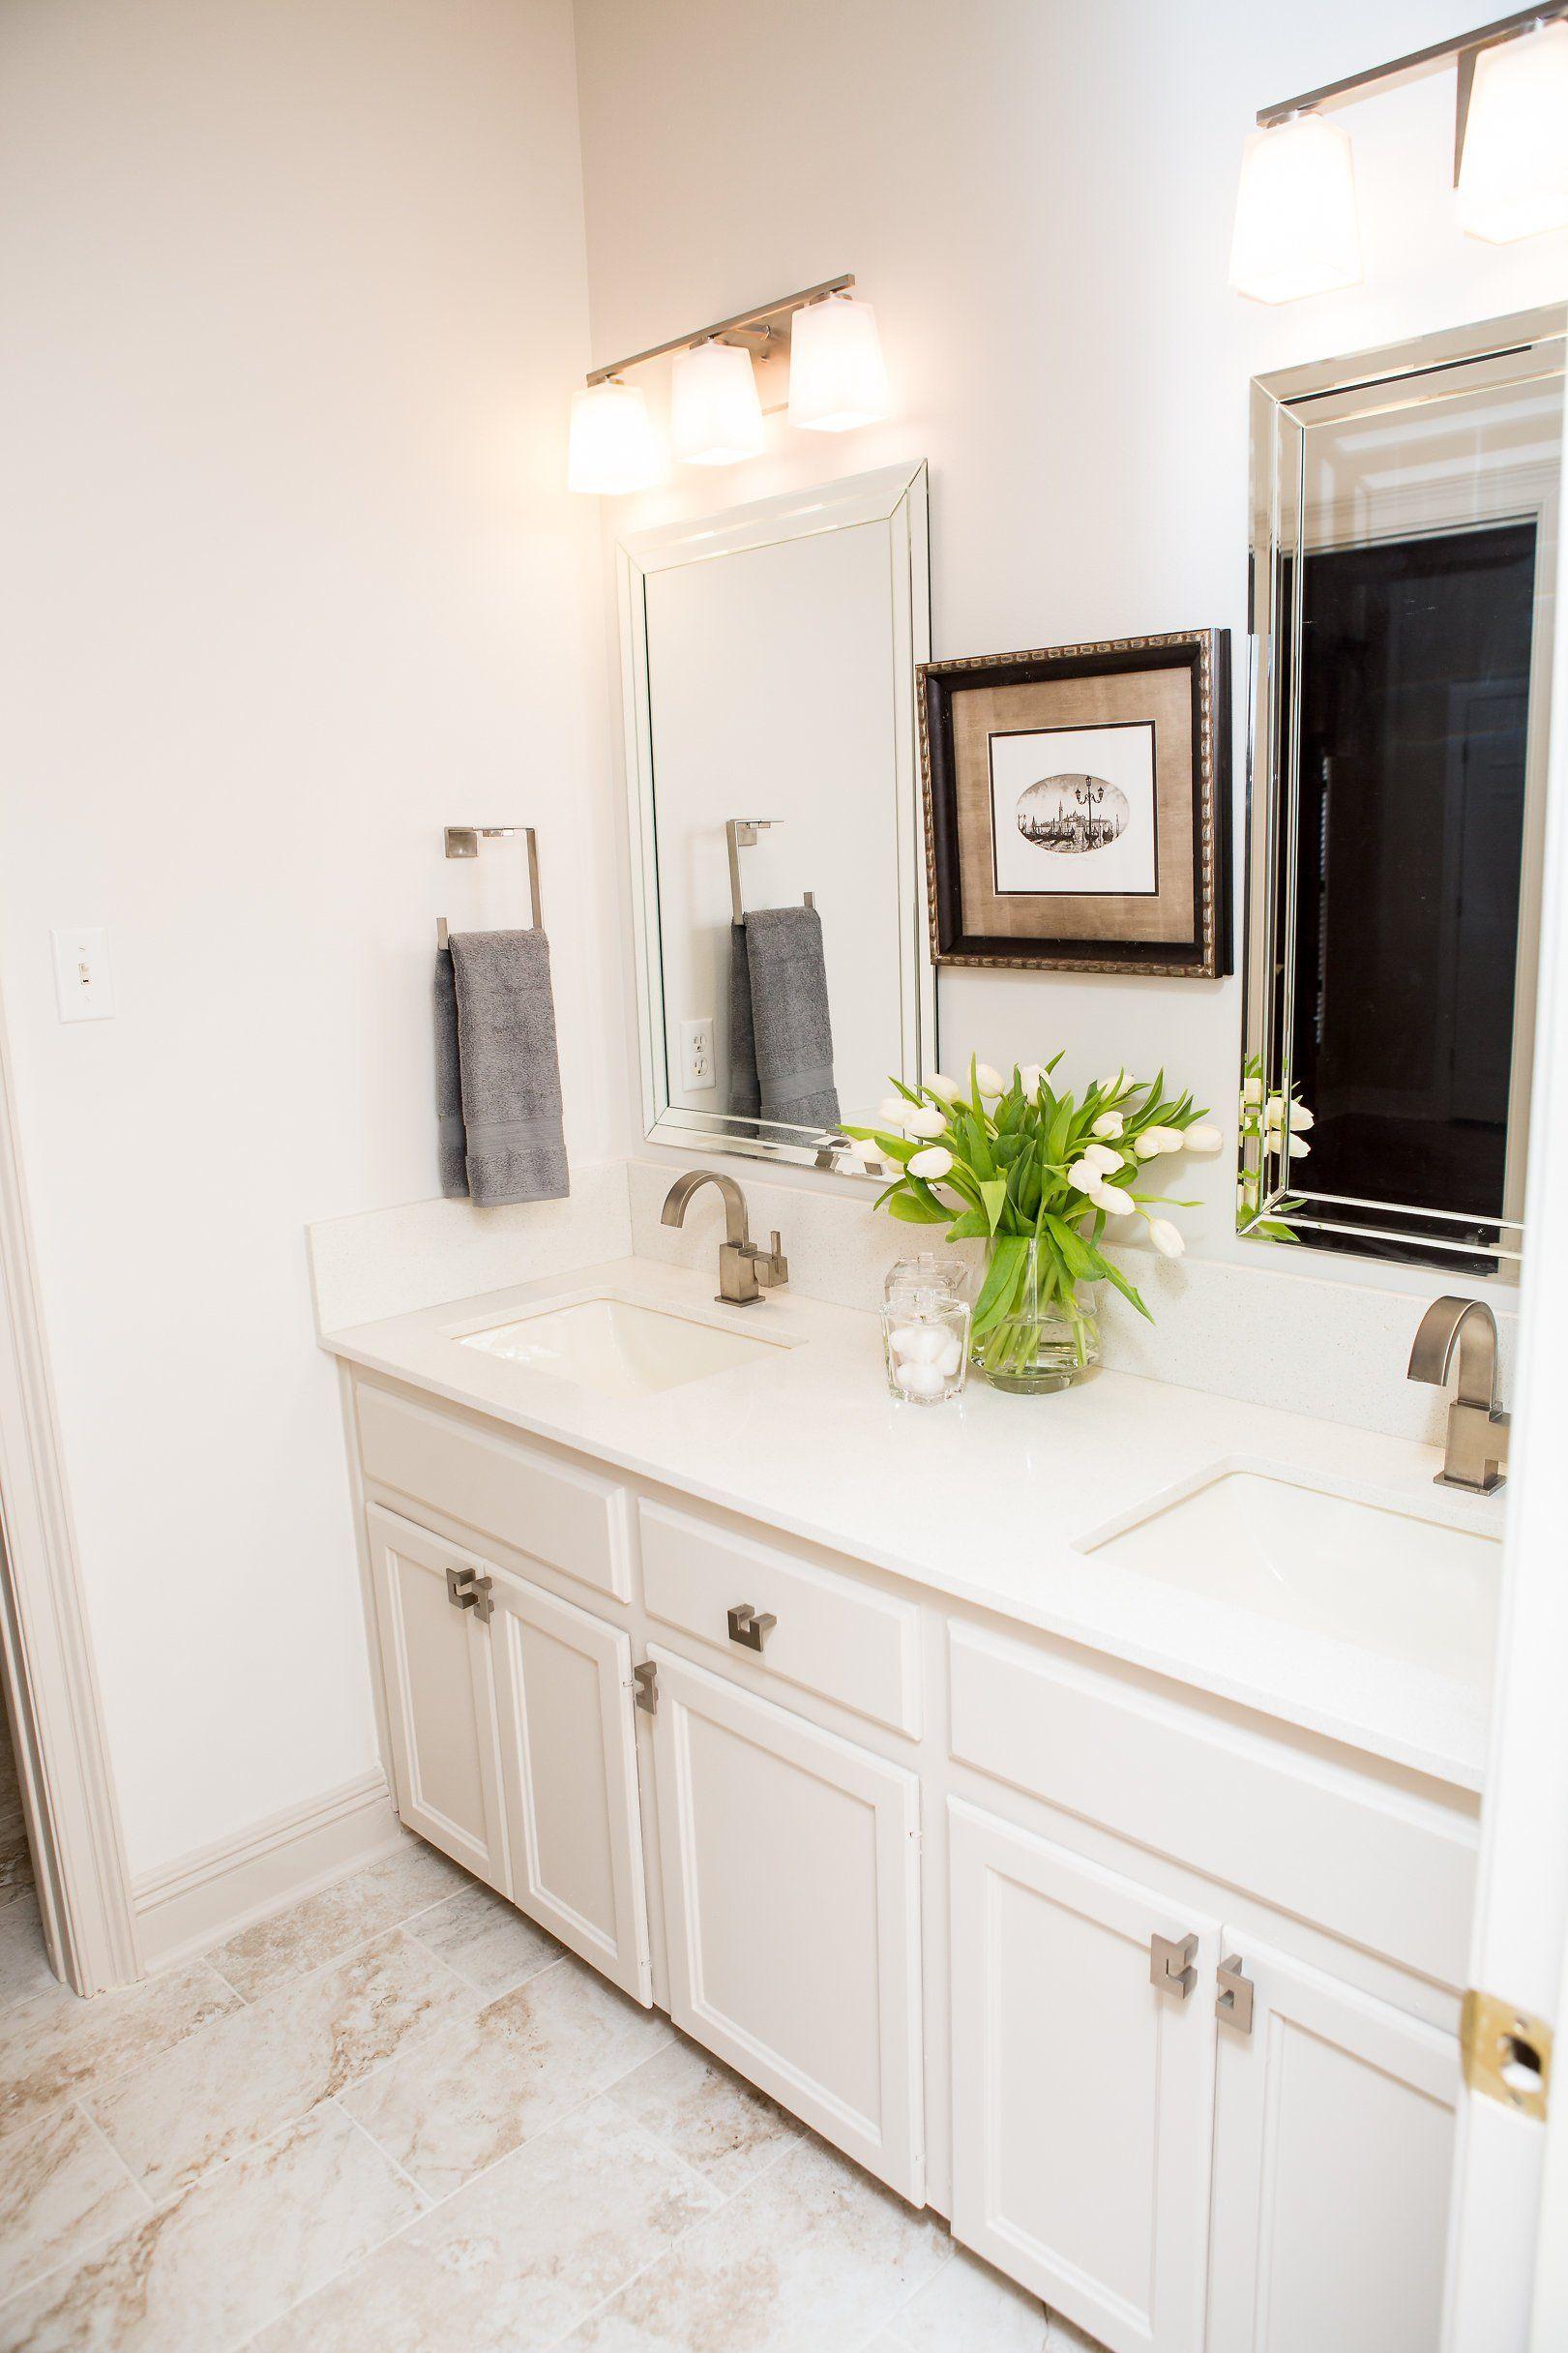 Classic Bathrooms Baton Rouge | Classic Designed Bathroom ...